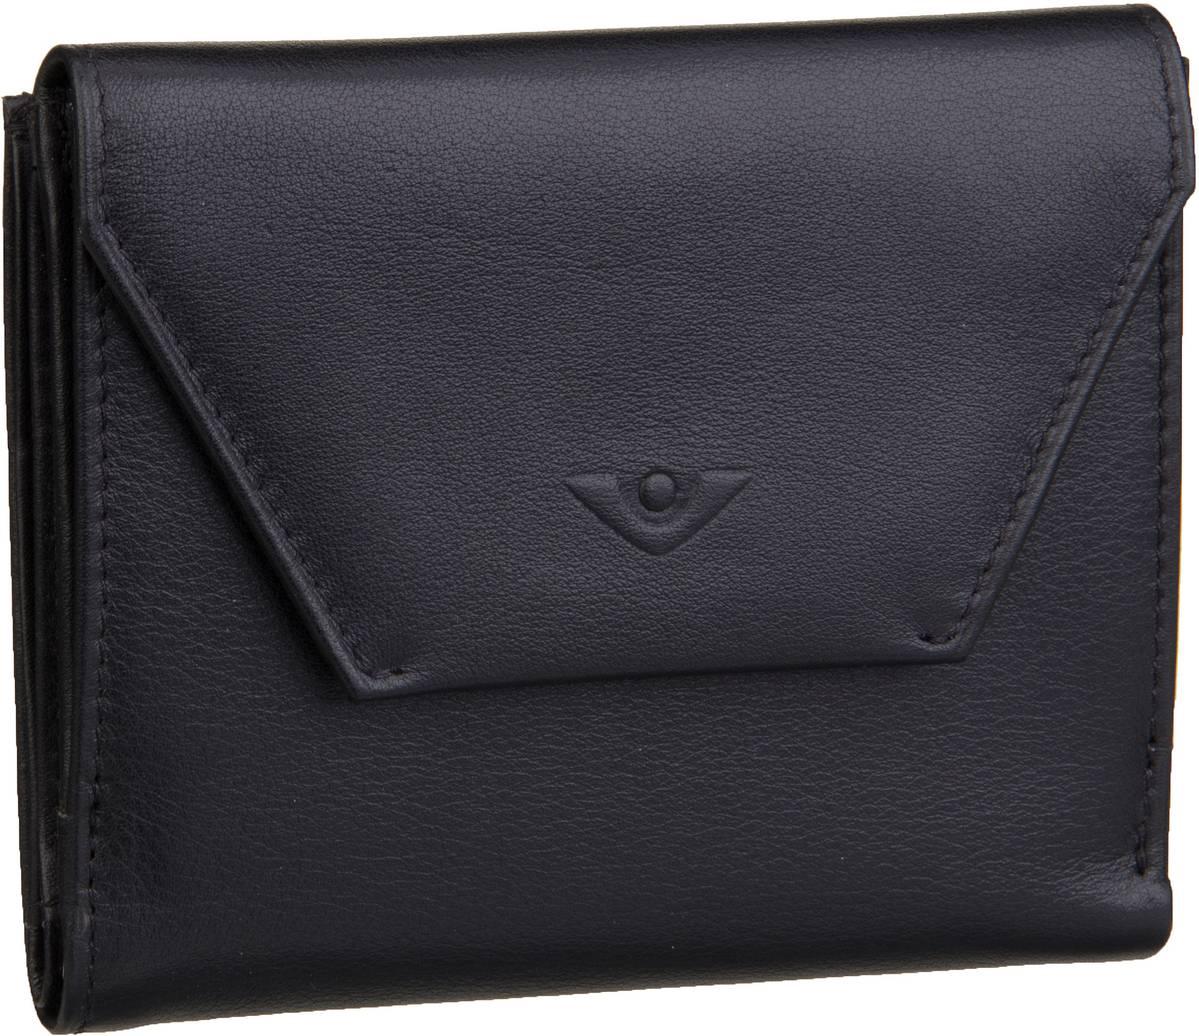 Geldboersen für Frauen - Voi Geldbörse Soft 70007 Börse Schwarz  - Onlineshop Taschenkaufhaus